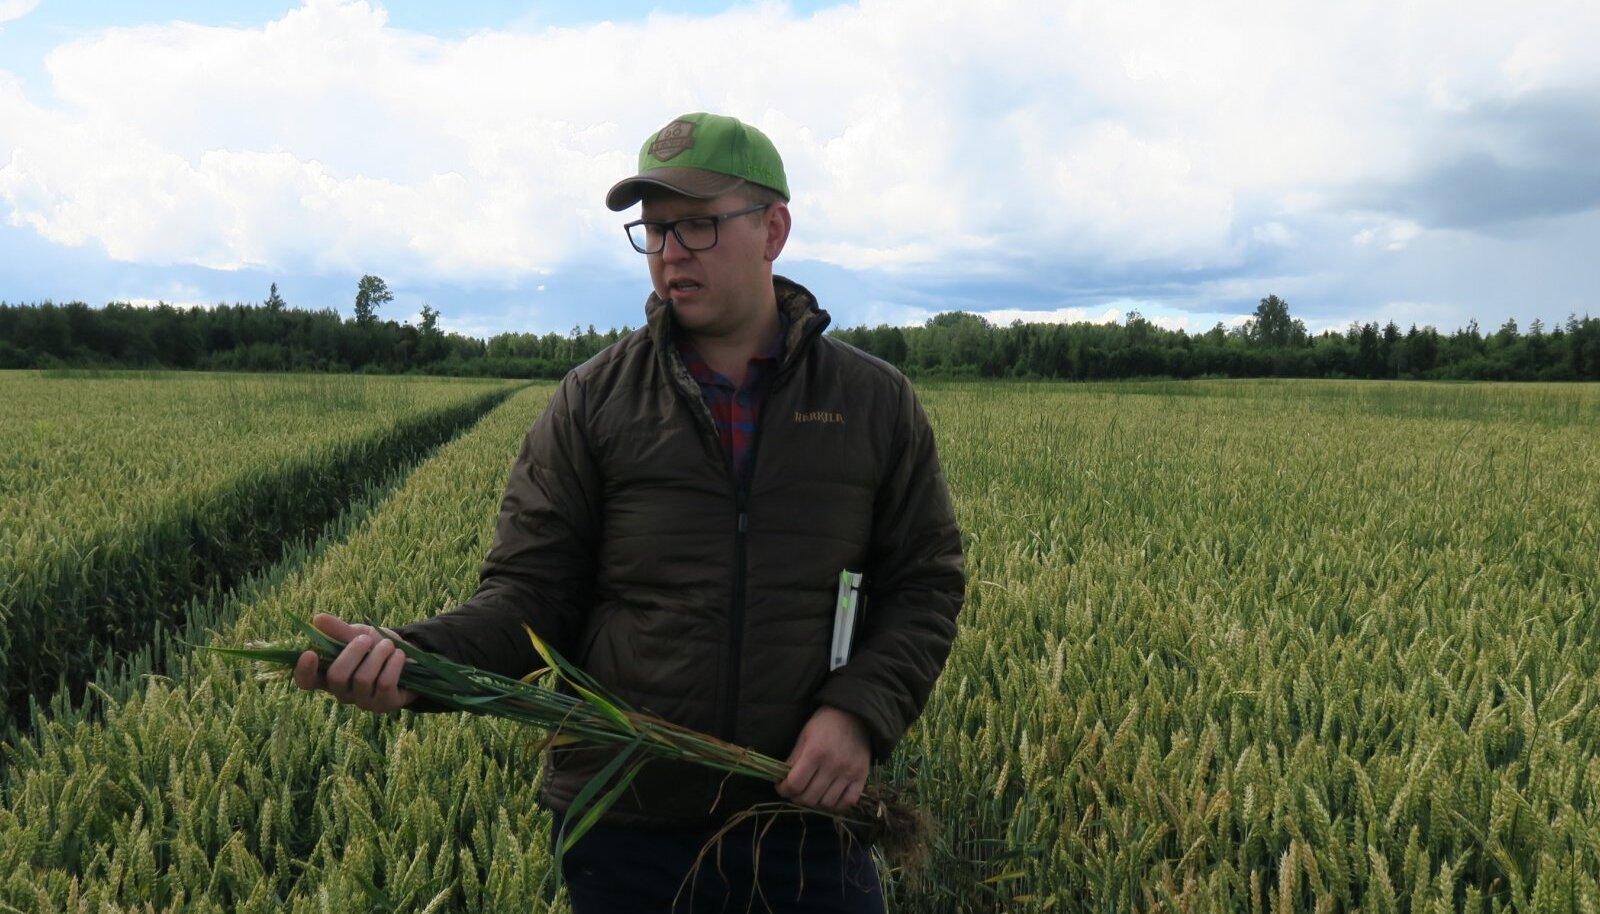 Mulgimaa viljakad mullad sobivad nisukasvatuseks väga hästi, ja seda näitavad ka noore põllumehe Sven-Erik Lohu kõrged saagid.